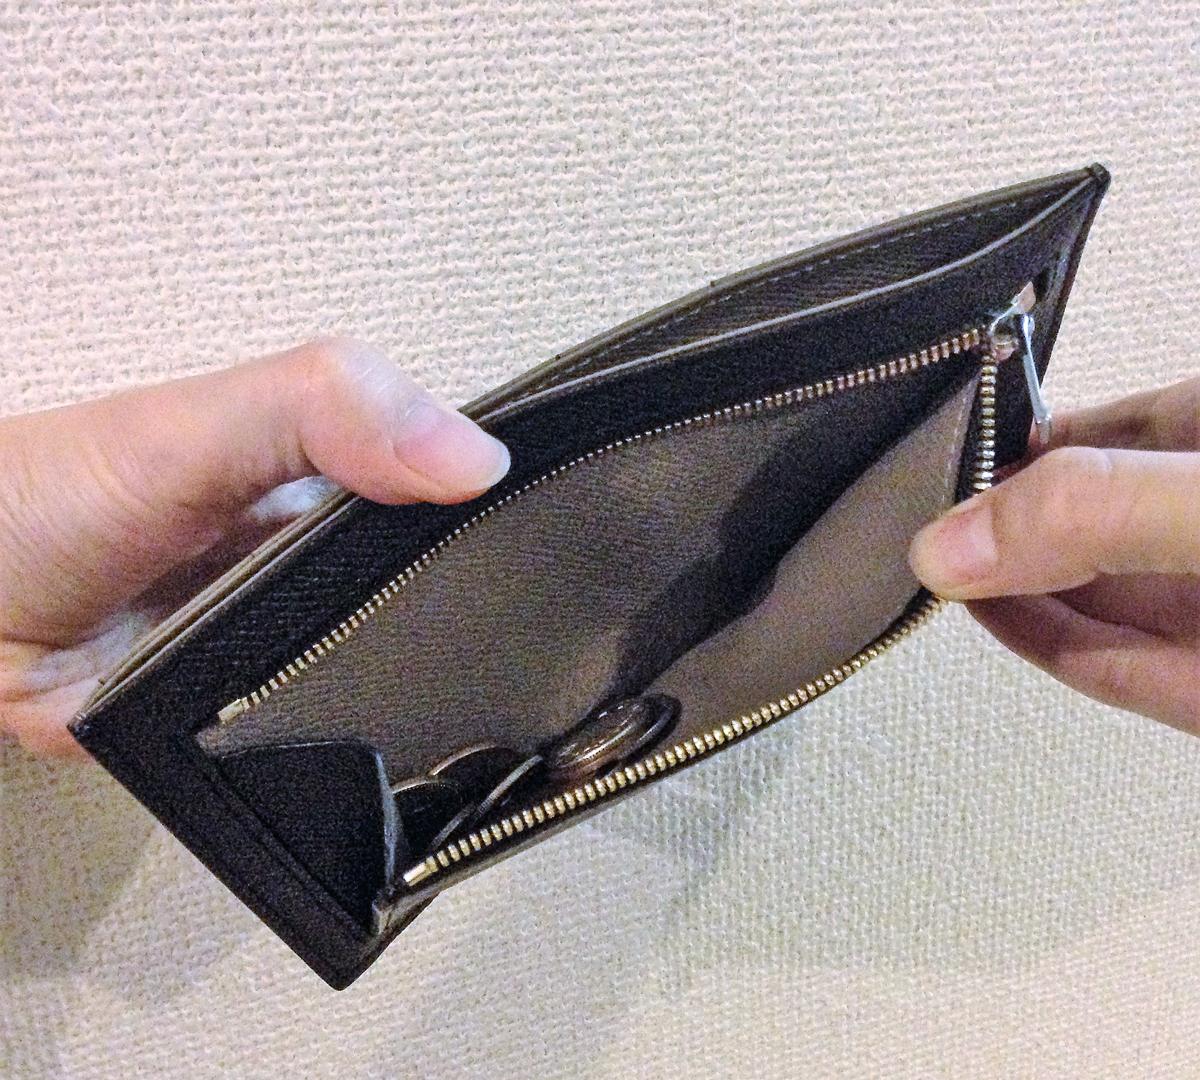 薄さと収納量を追求した硬貨入れ|カードを見える化、支払いも収納もスマートな革財布(長財布)|ALBERTE